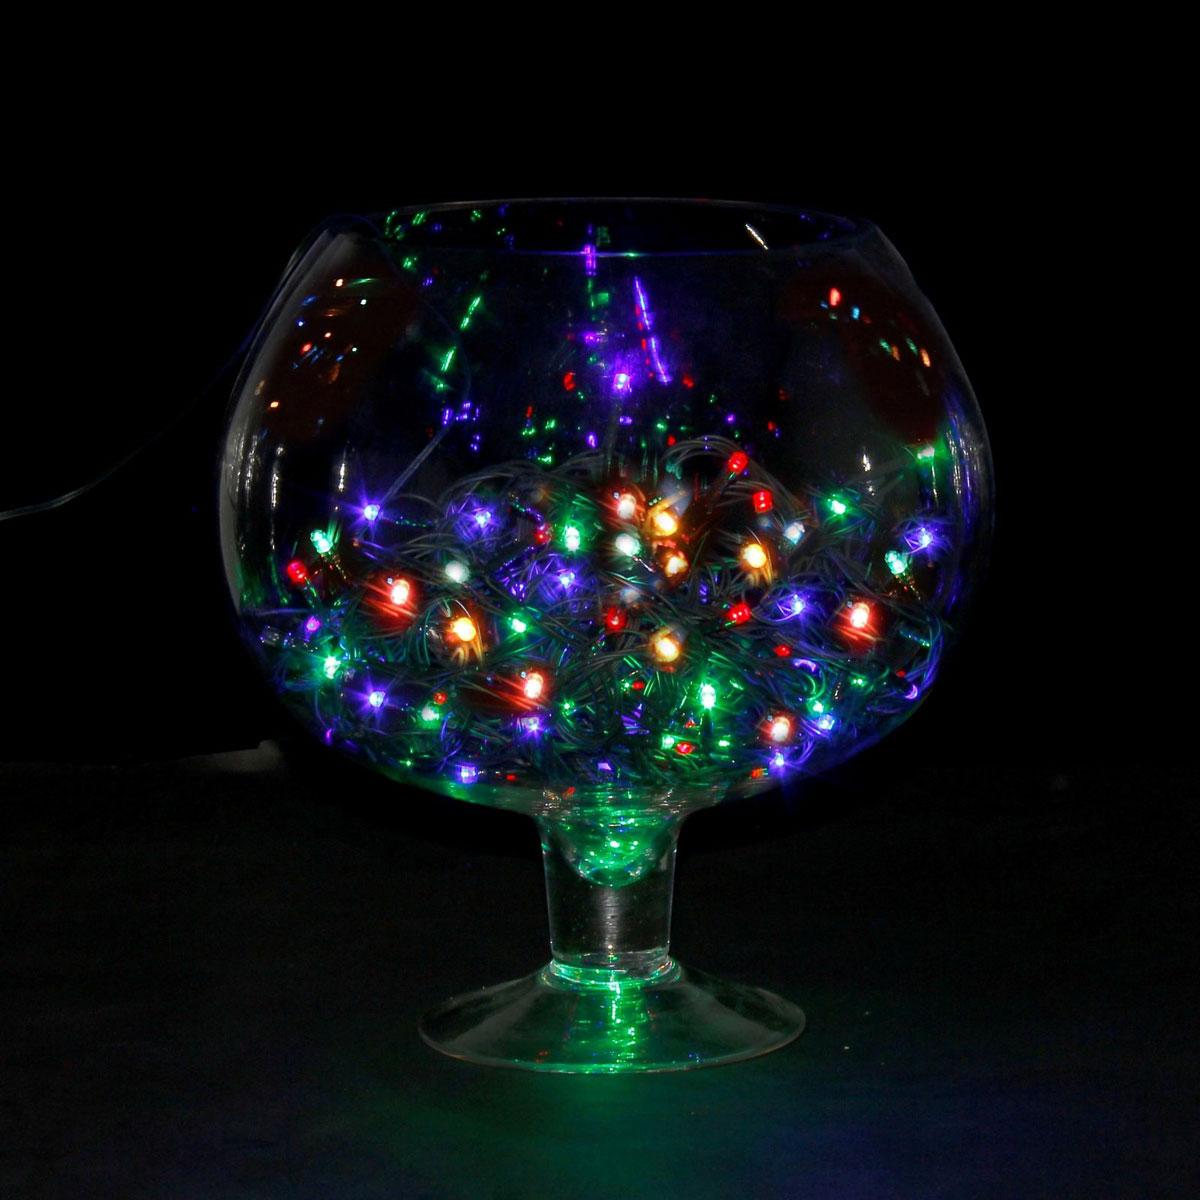 Гирлянда светодиодная Luazon Метраж, 8 режимов, 100 ламп, 220 V, 9 м, цвет: мультиколор. 705983678895Светодиодные гирлянды, ленты и т.д. — это отличный вариант для новогоднего оформления интерьера или фасада. С их помощью помещение любого размера можно превратить в праздничный зал, а внешние элементы зданий, украшенные ими, мгновенно станут напоминать очертания сказочного дворца. Такие украшения создают ауру предвкушения чуда. Деревья, фасады, витрины, окна и арки будто специально созданы, чтобы вы украсили их светящимися нитями.